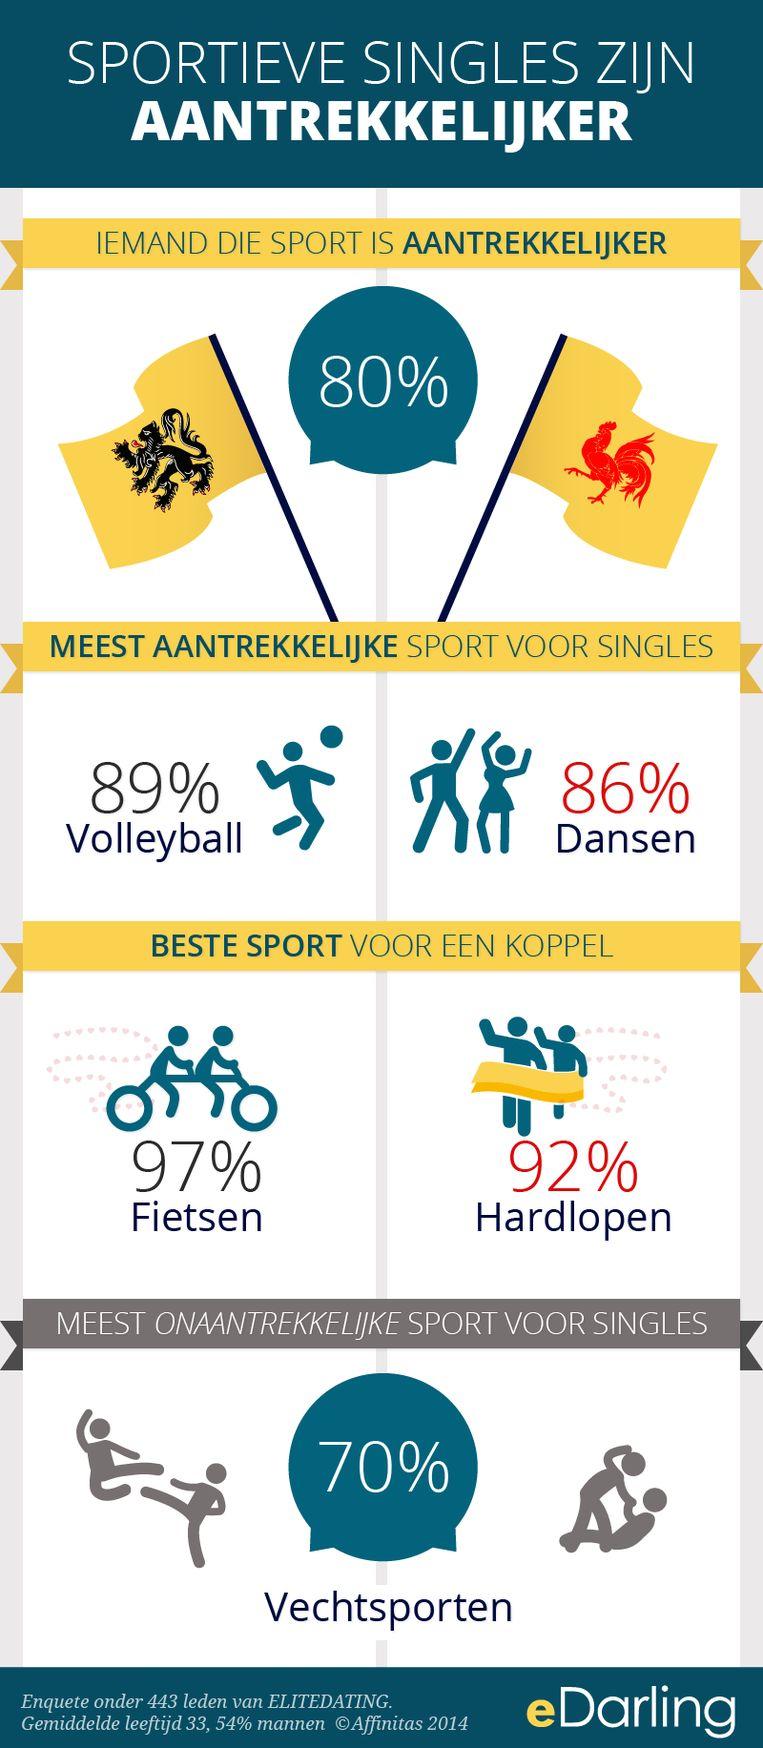 milf date nederland seks vacatures